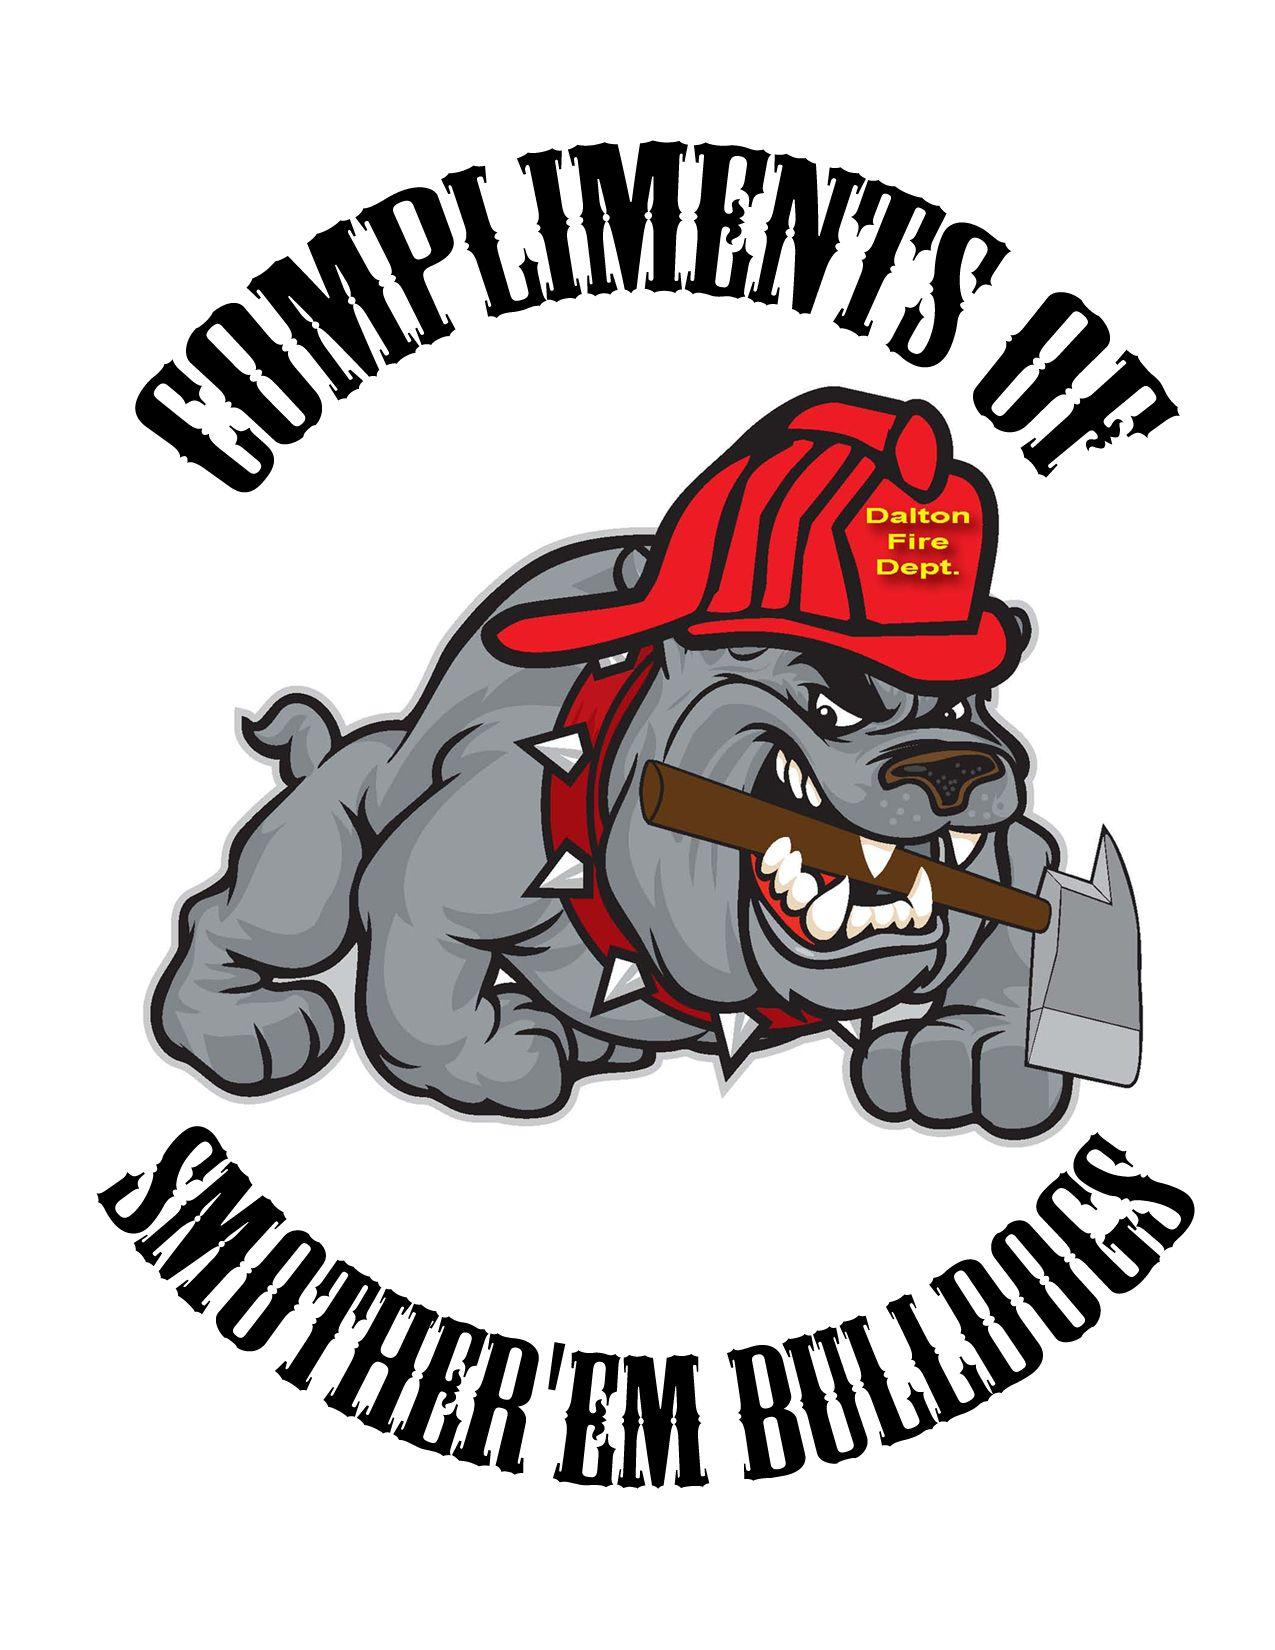 Fi fireman tattoo designs - Firemen Dalton Volunteer Fire Dept Quarter Page Advertisement Logo Design By Testamentdesign Com